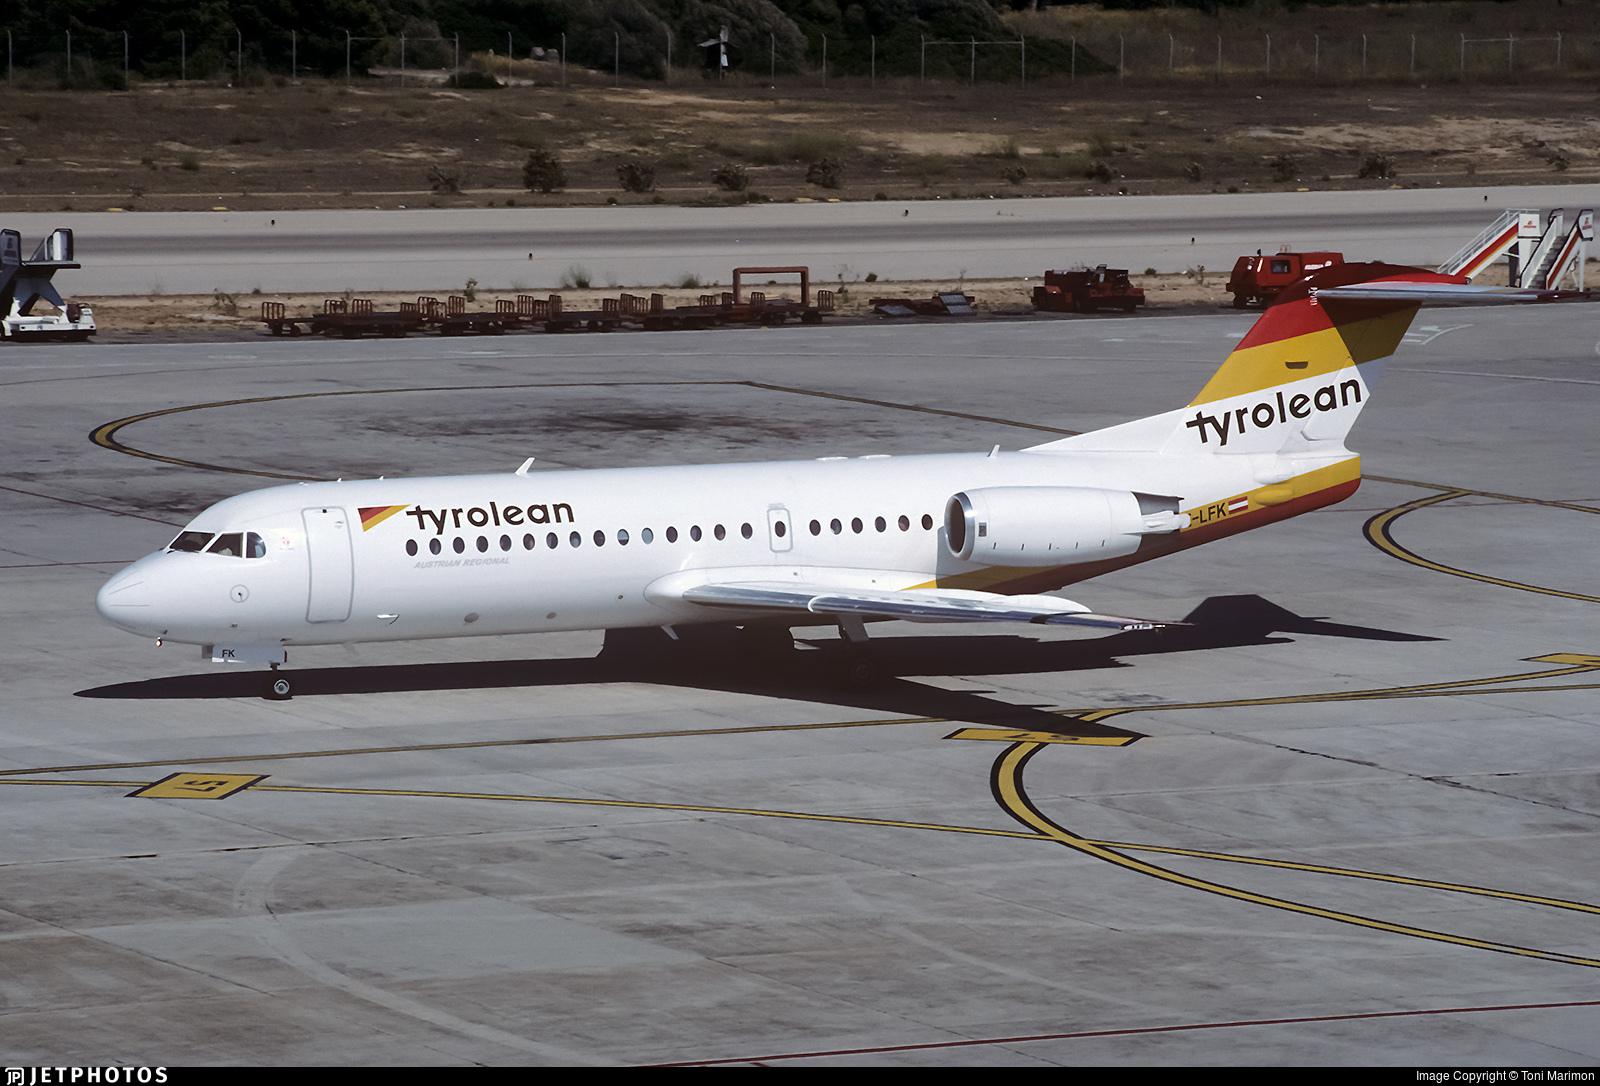 OE-LFK - Fokker 70 - Tyrolean Airways